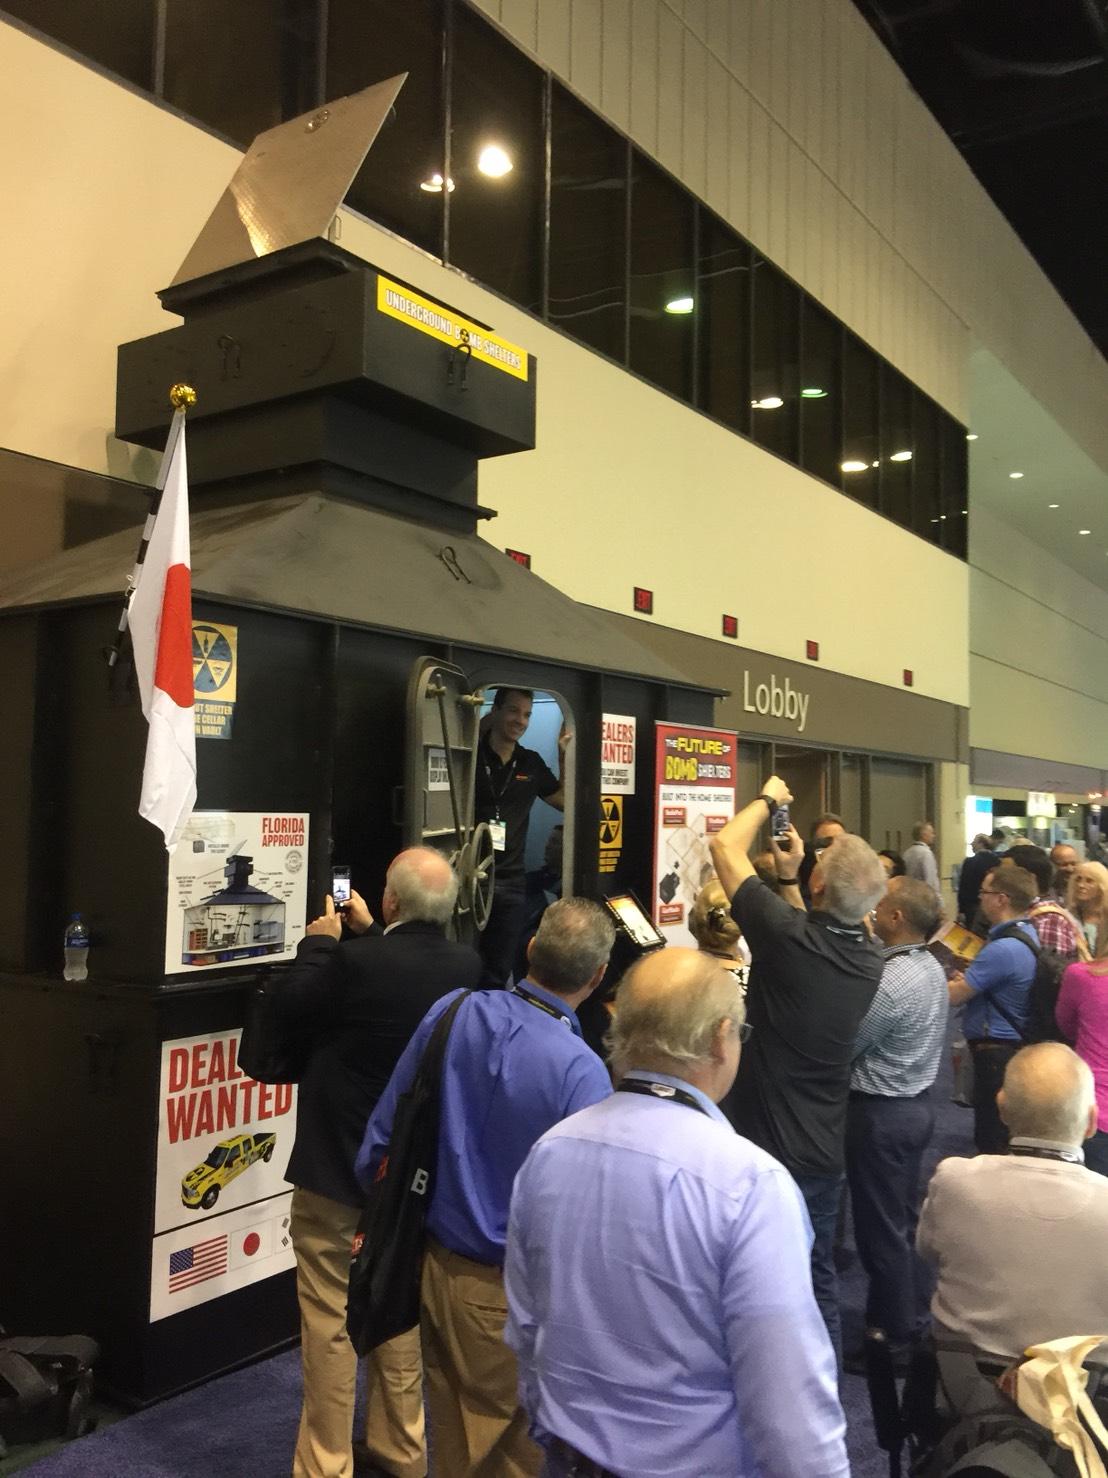 米国オーランドで世界一のナーブビルディングショーが開催!